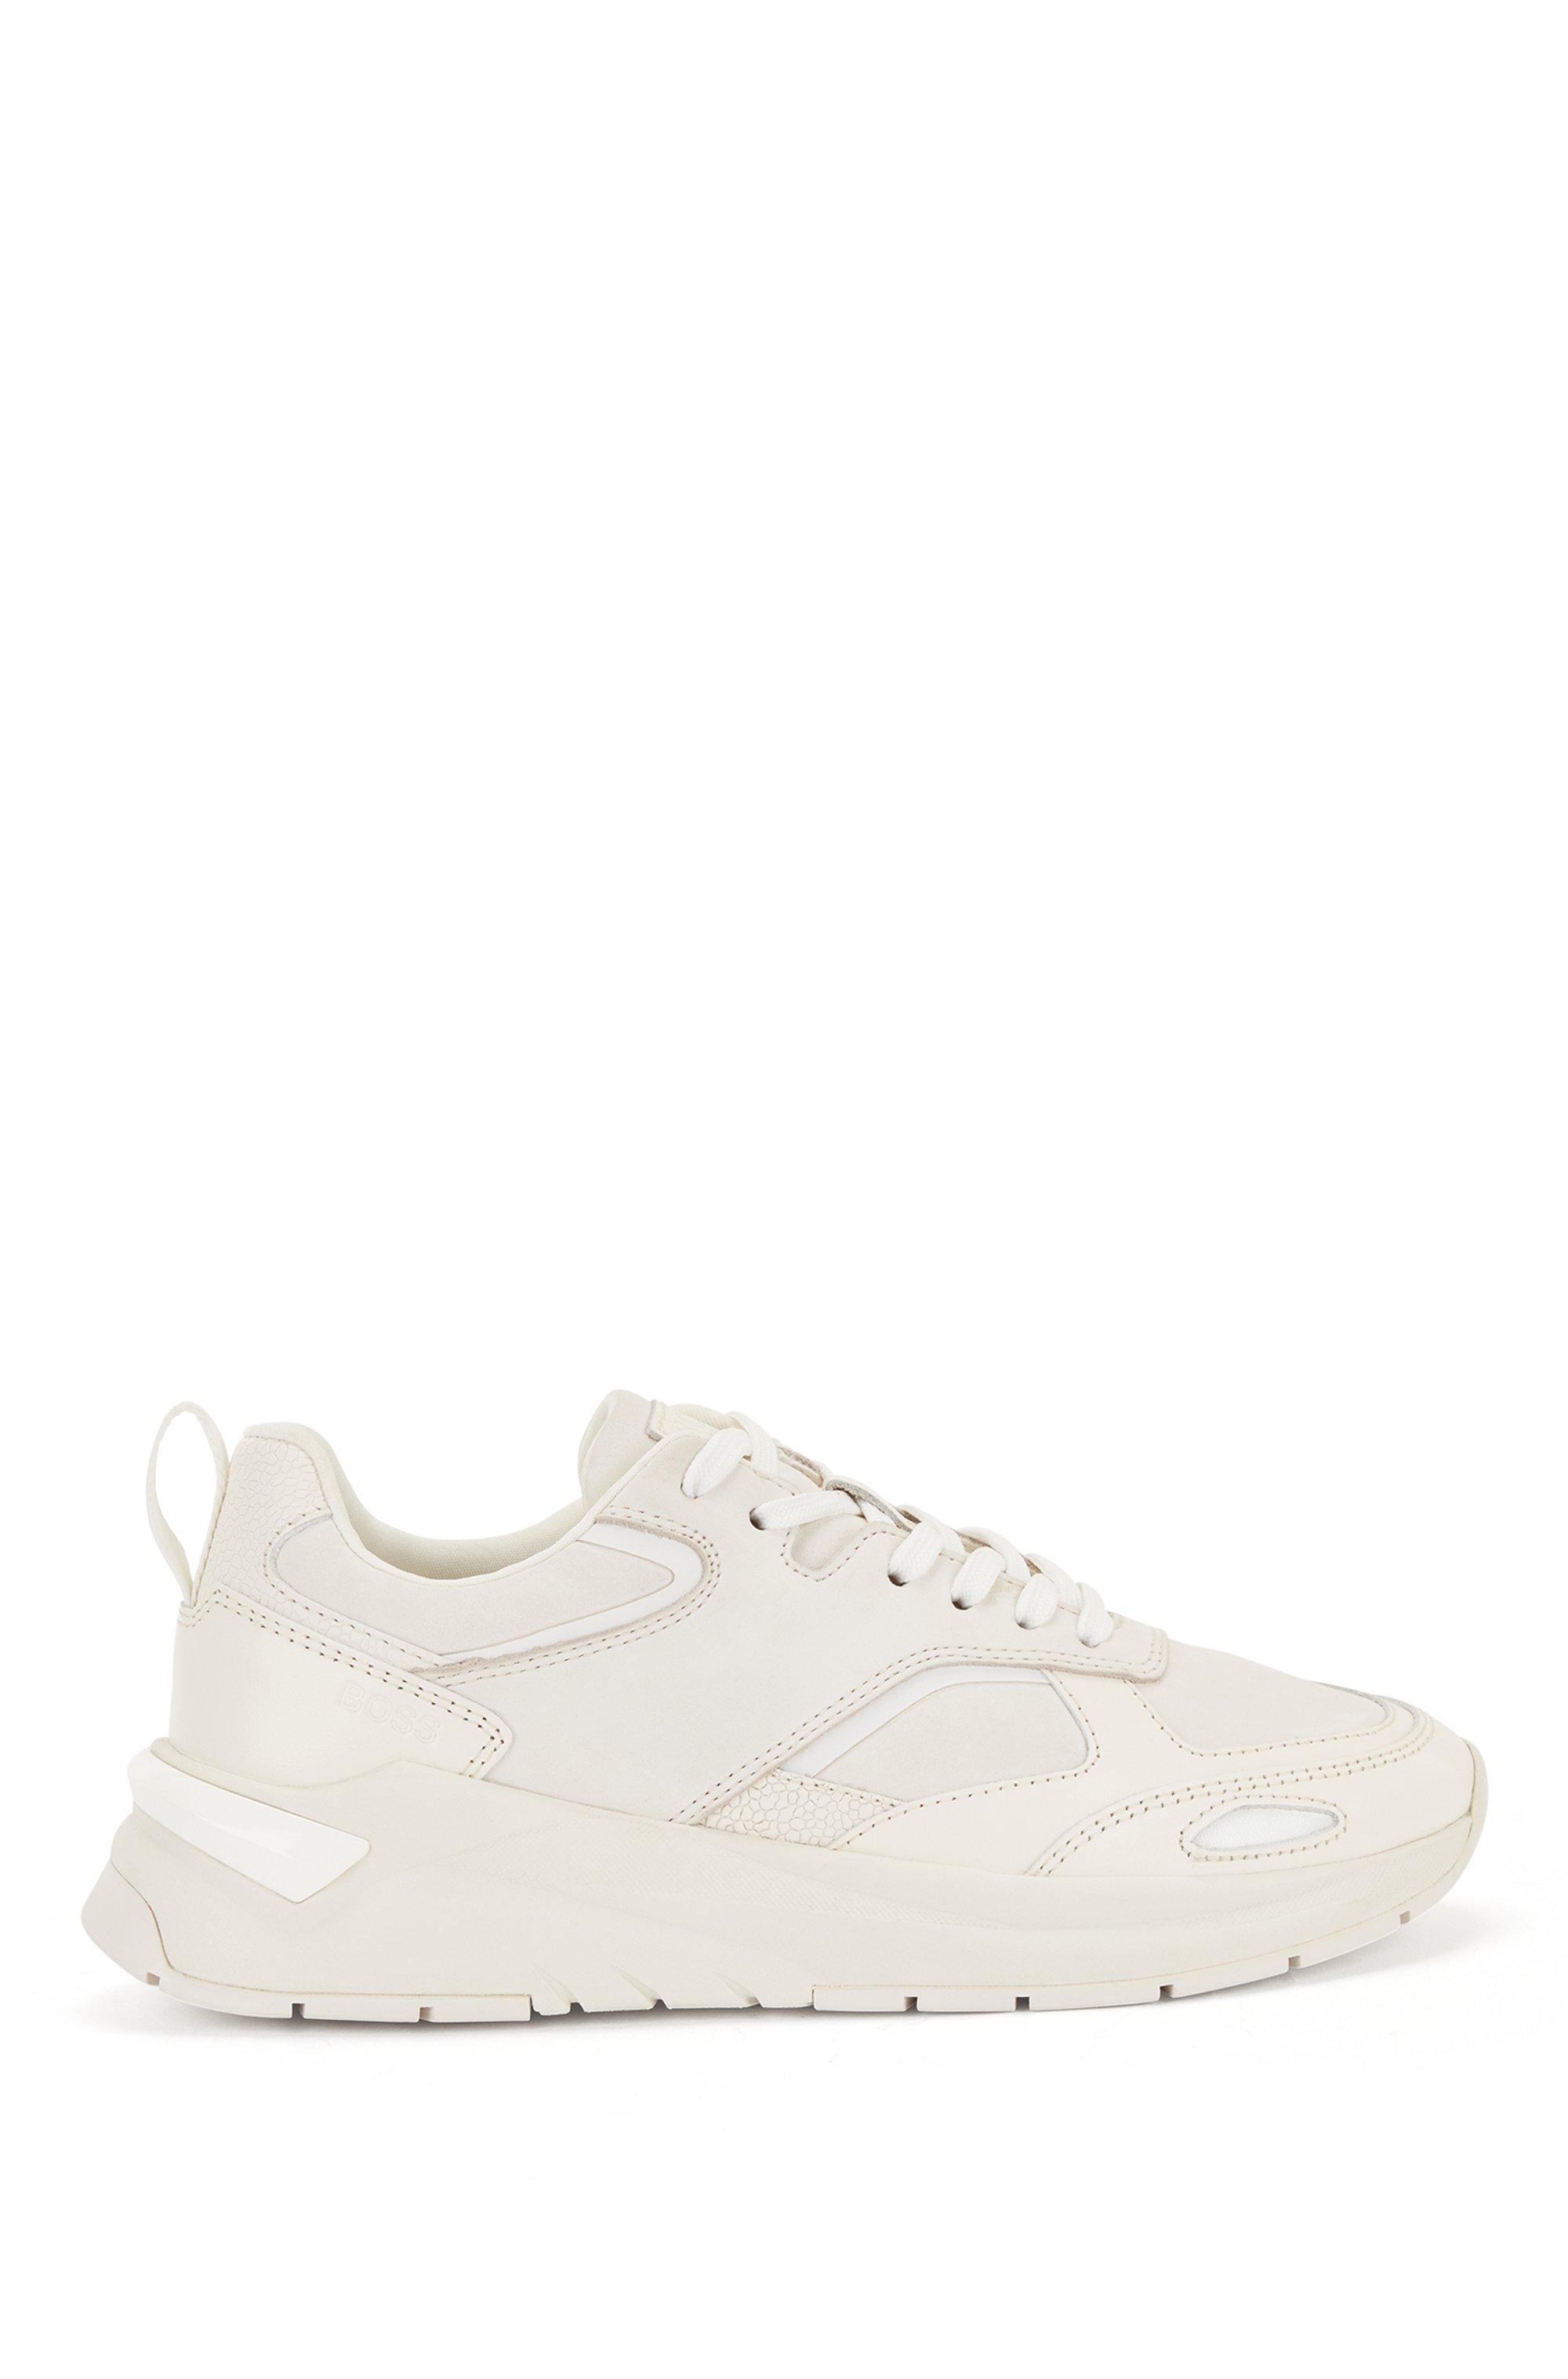 Tonale Ledersneakers mit Logo-Prägung, Weiß